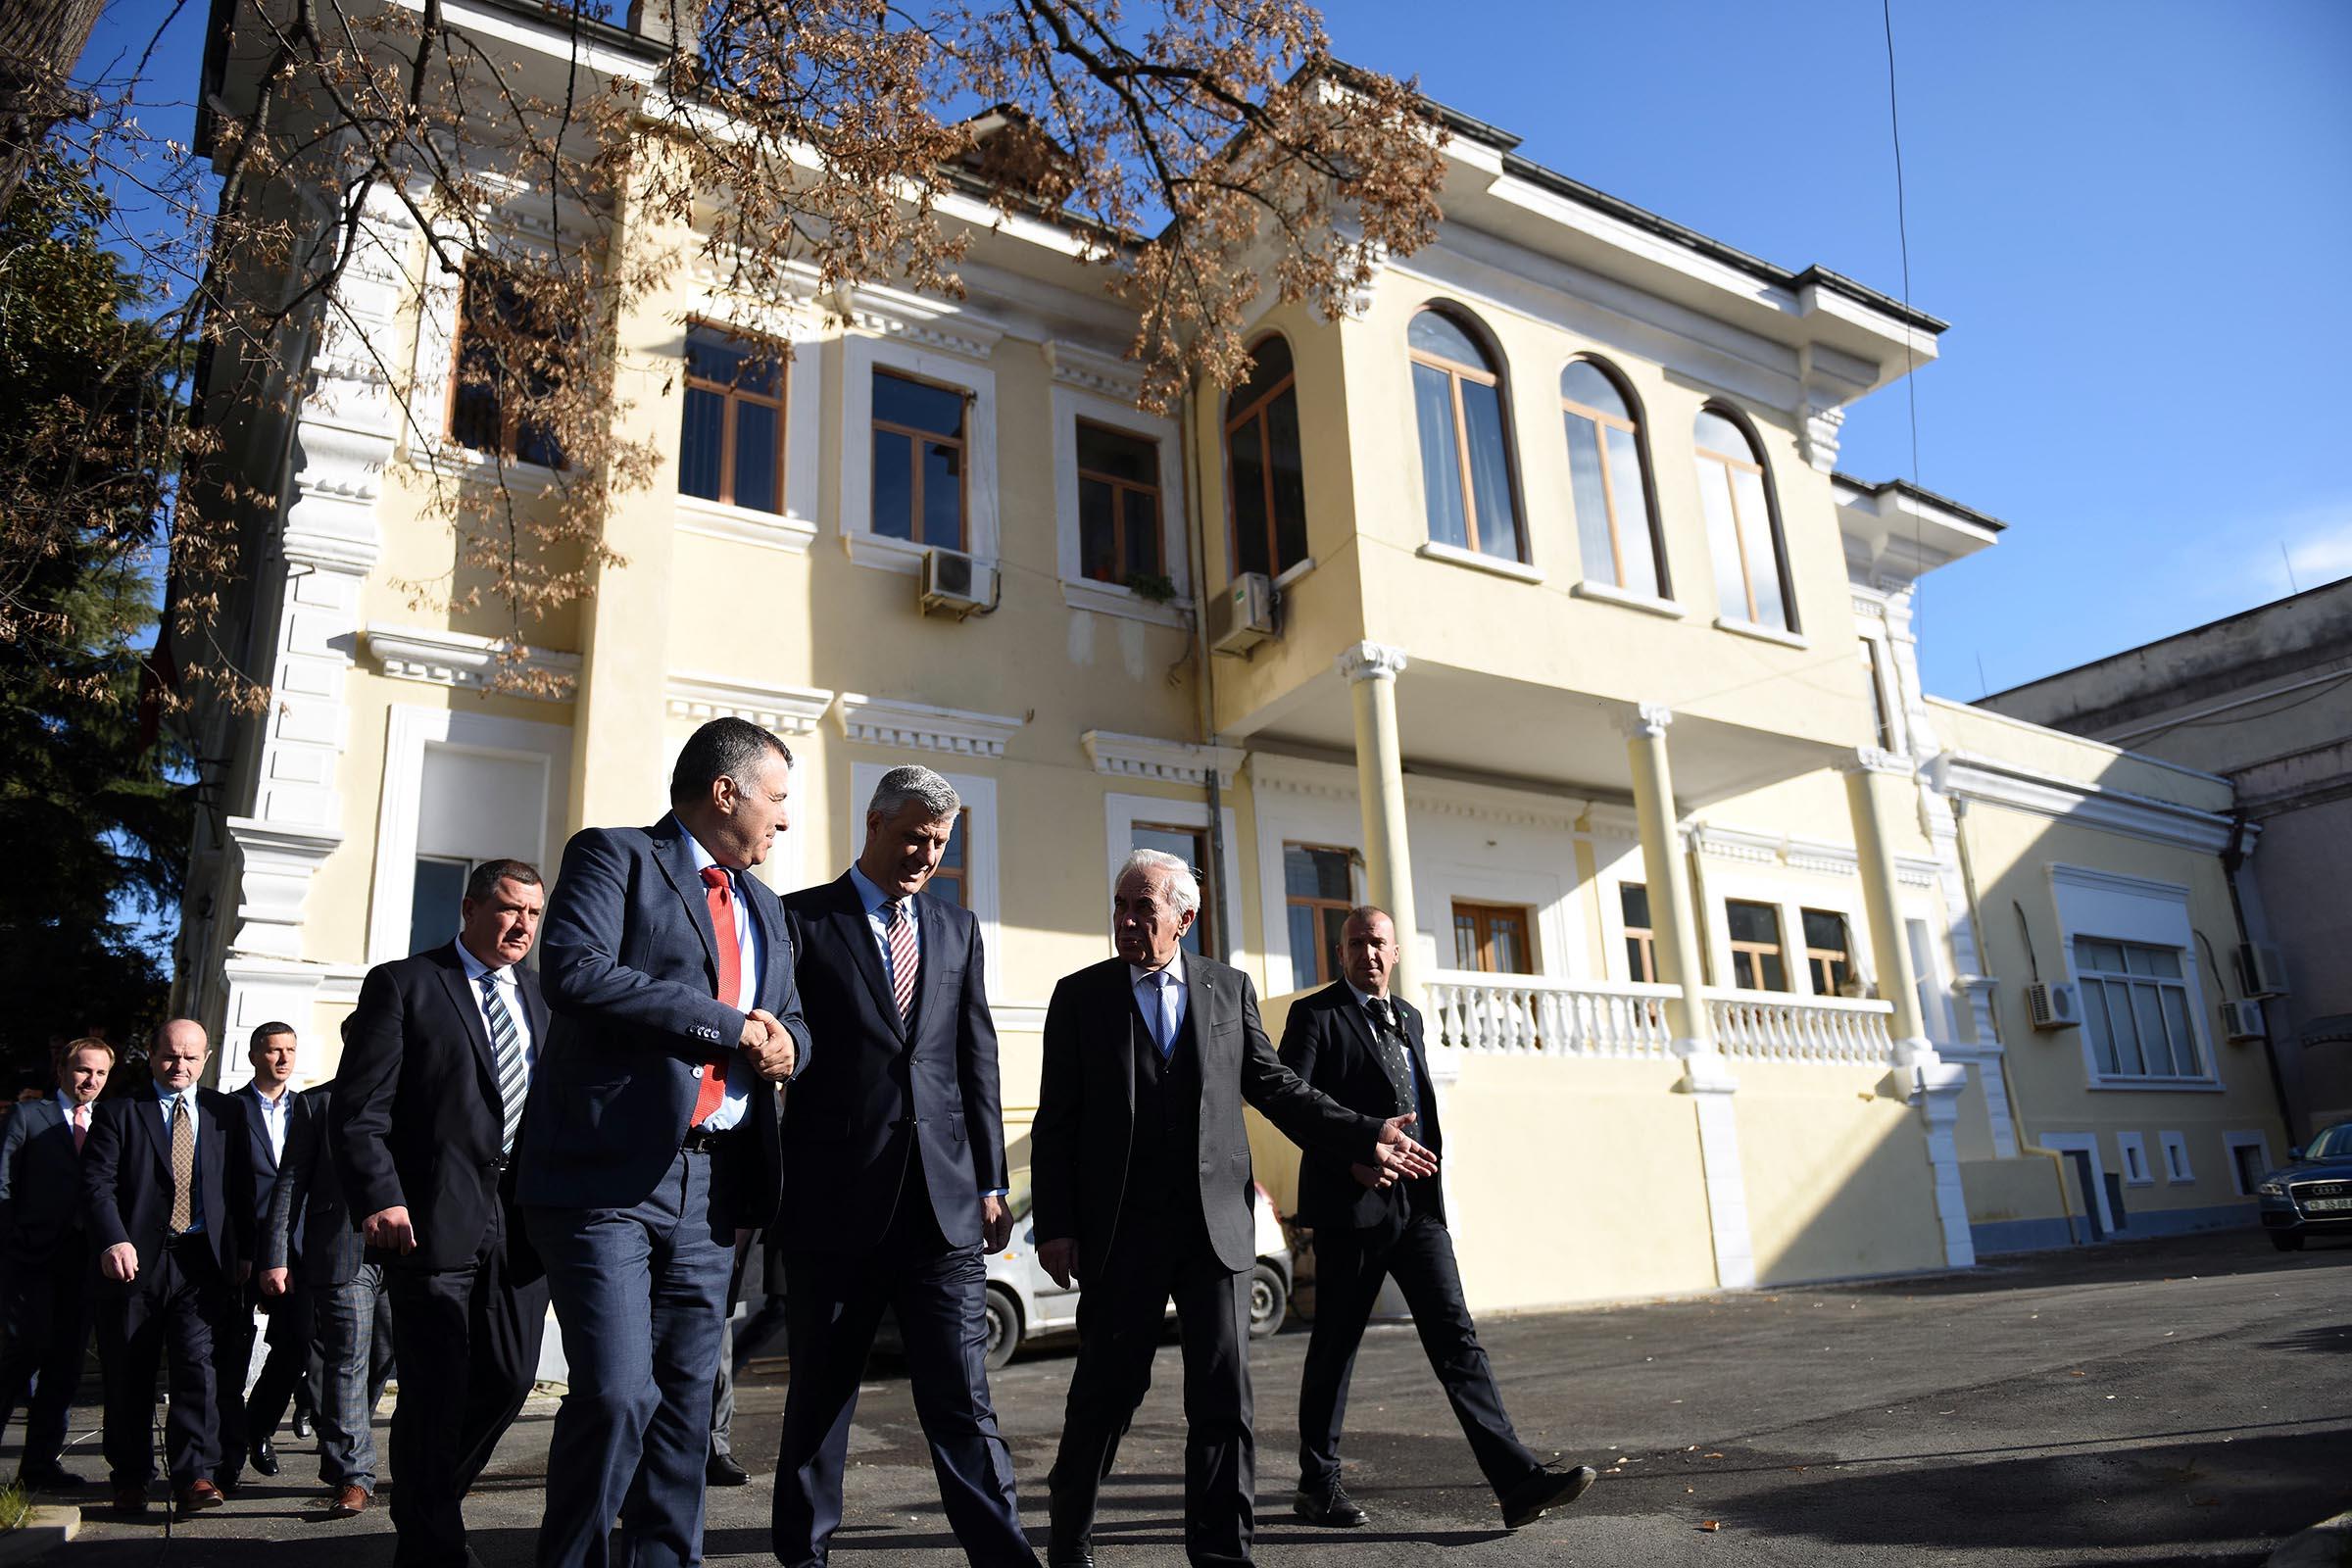 """Presidenti Thaçi nderohet me medaljen """"Nderi i Akademisë"""" nga Akademia e Shkencave të Shqipërisë"""